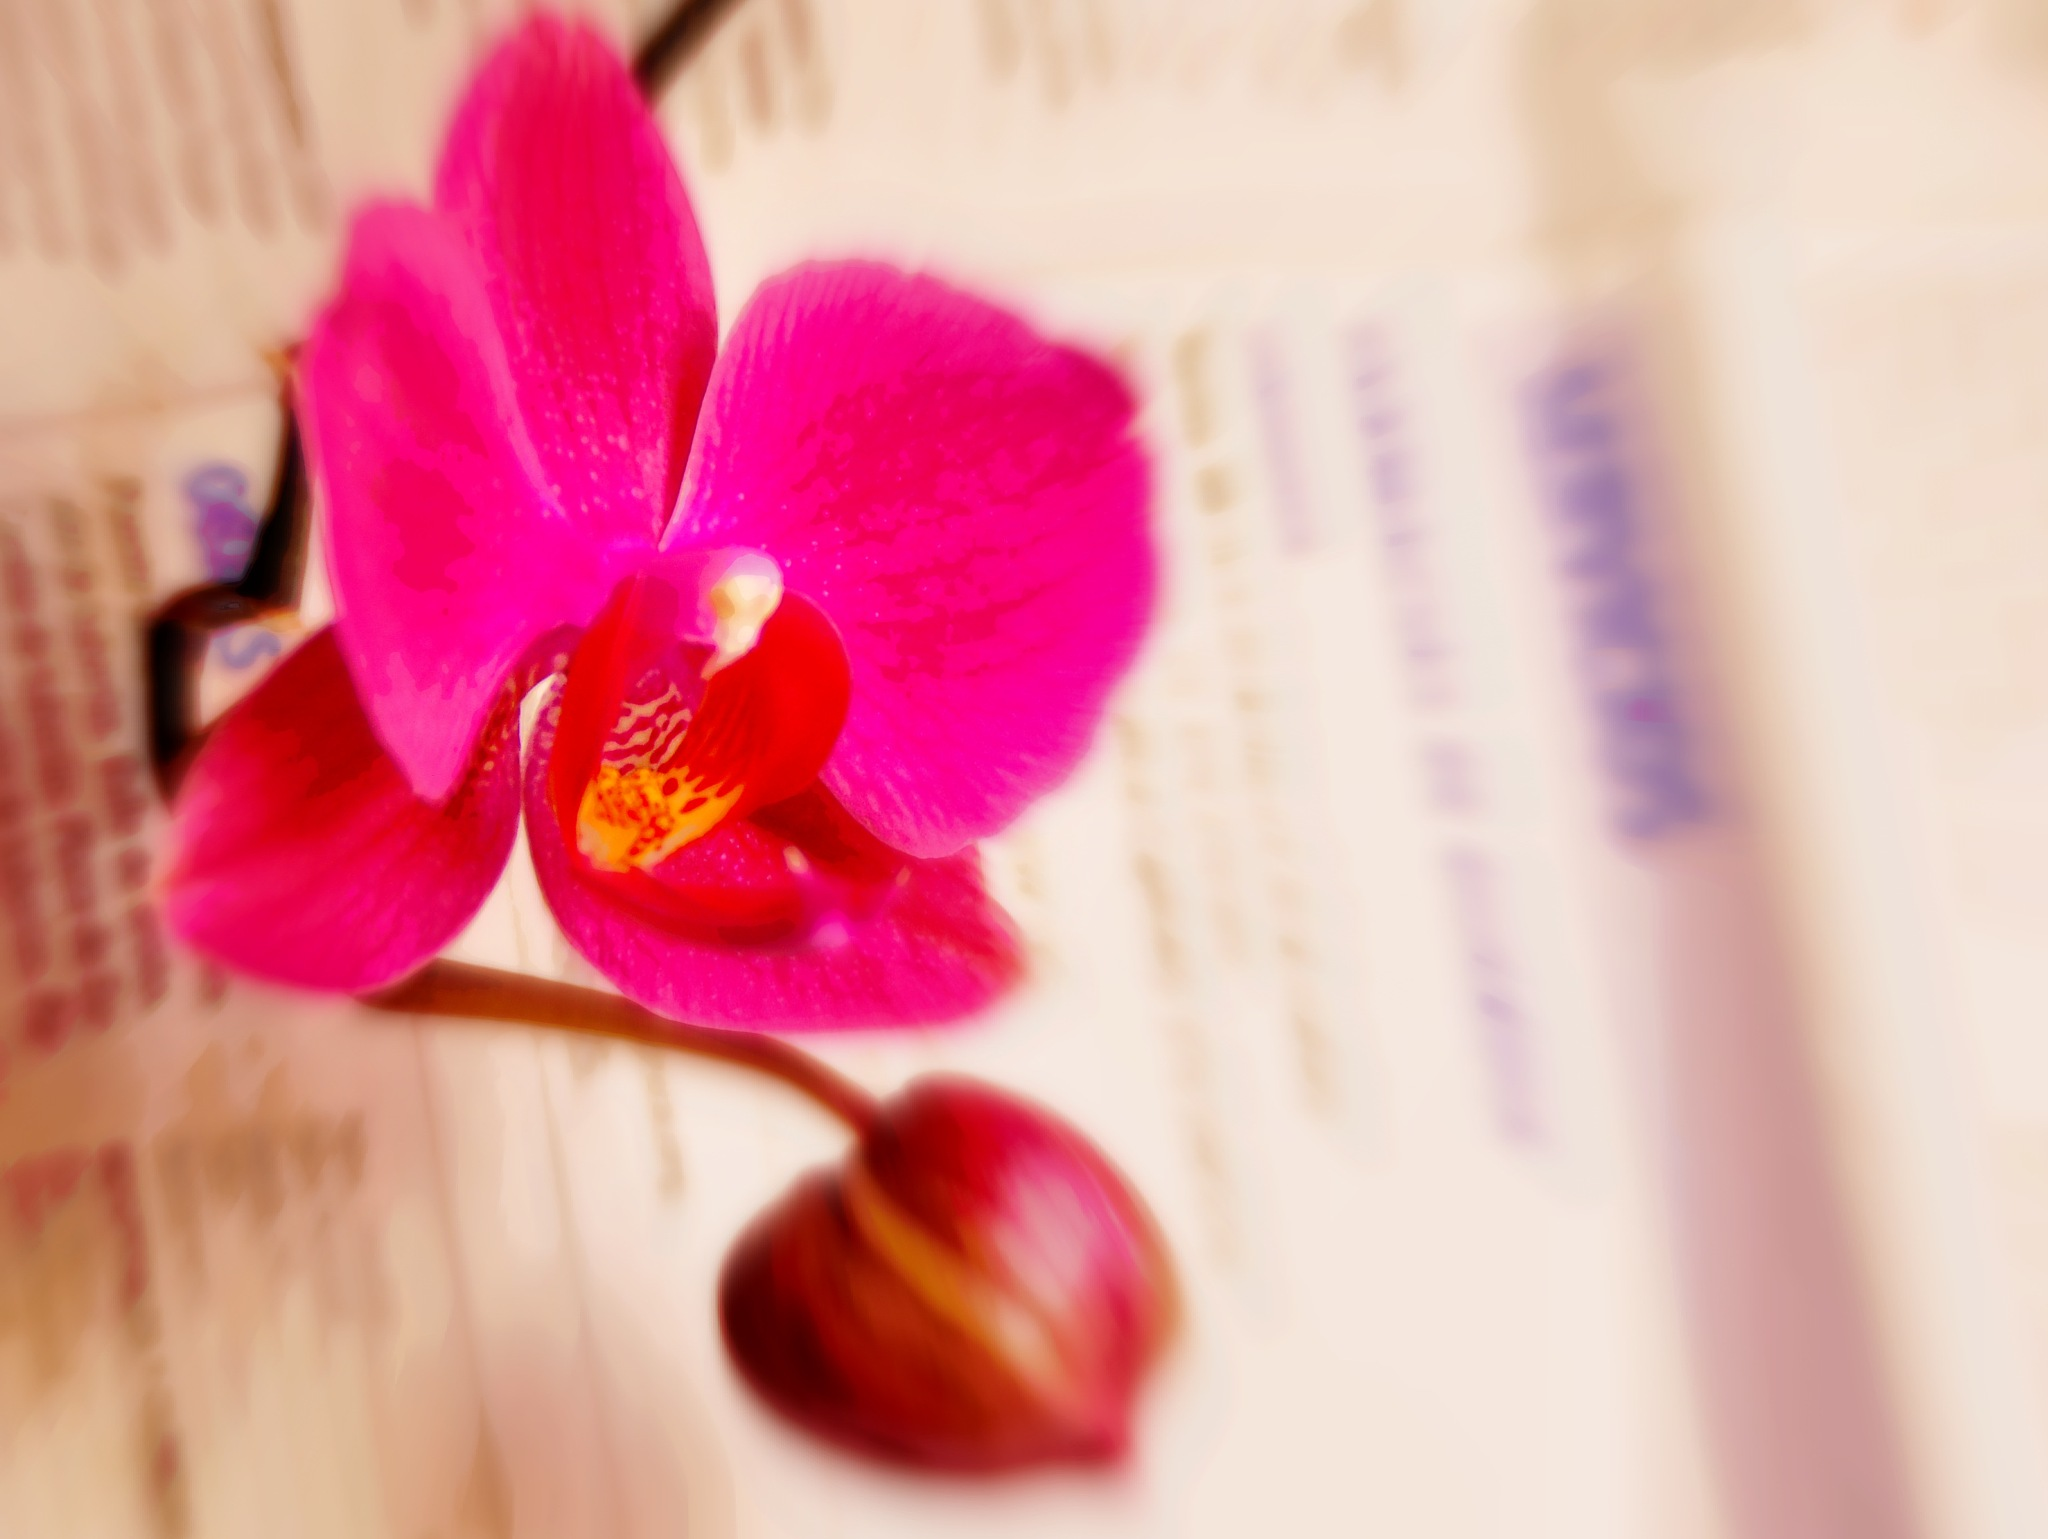 lectora rosa by angelgarcia